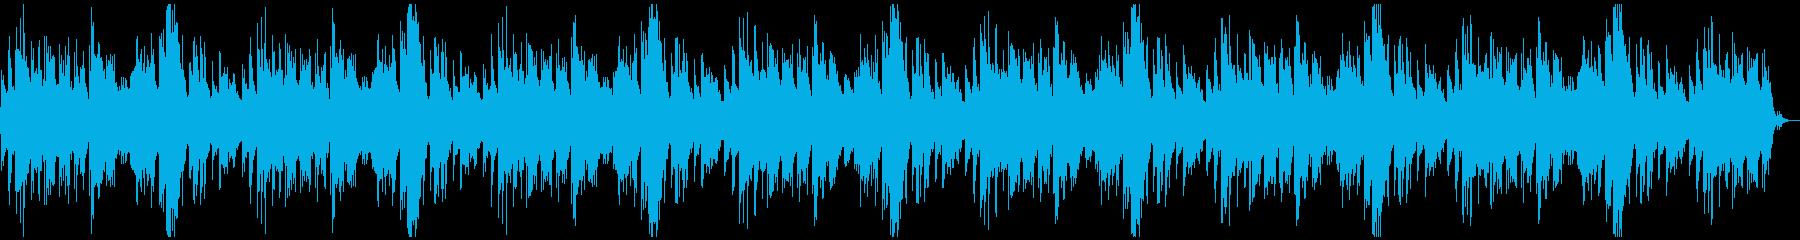 センチメンタルなピアノが力強いBGMの再生済みの波形